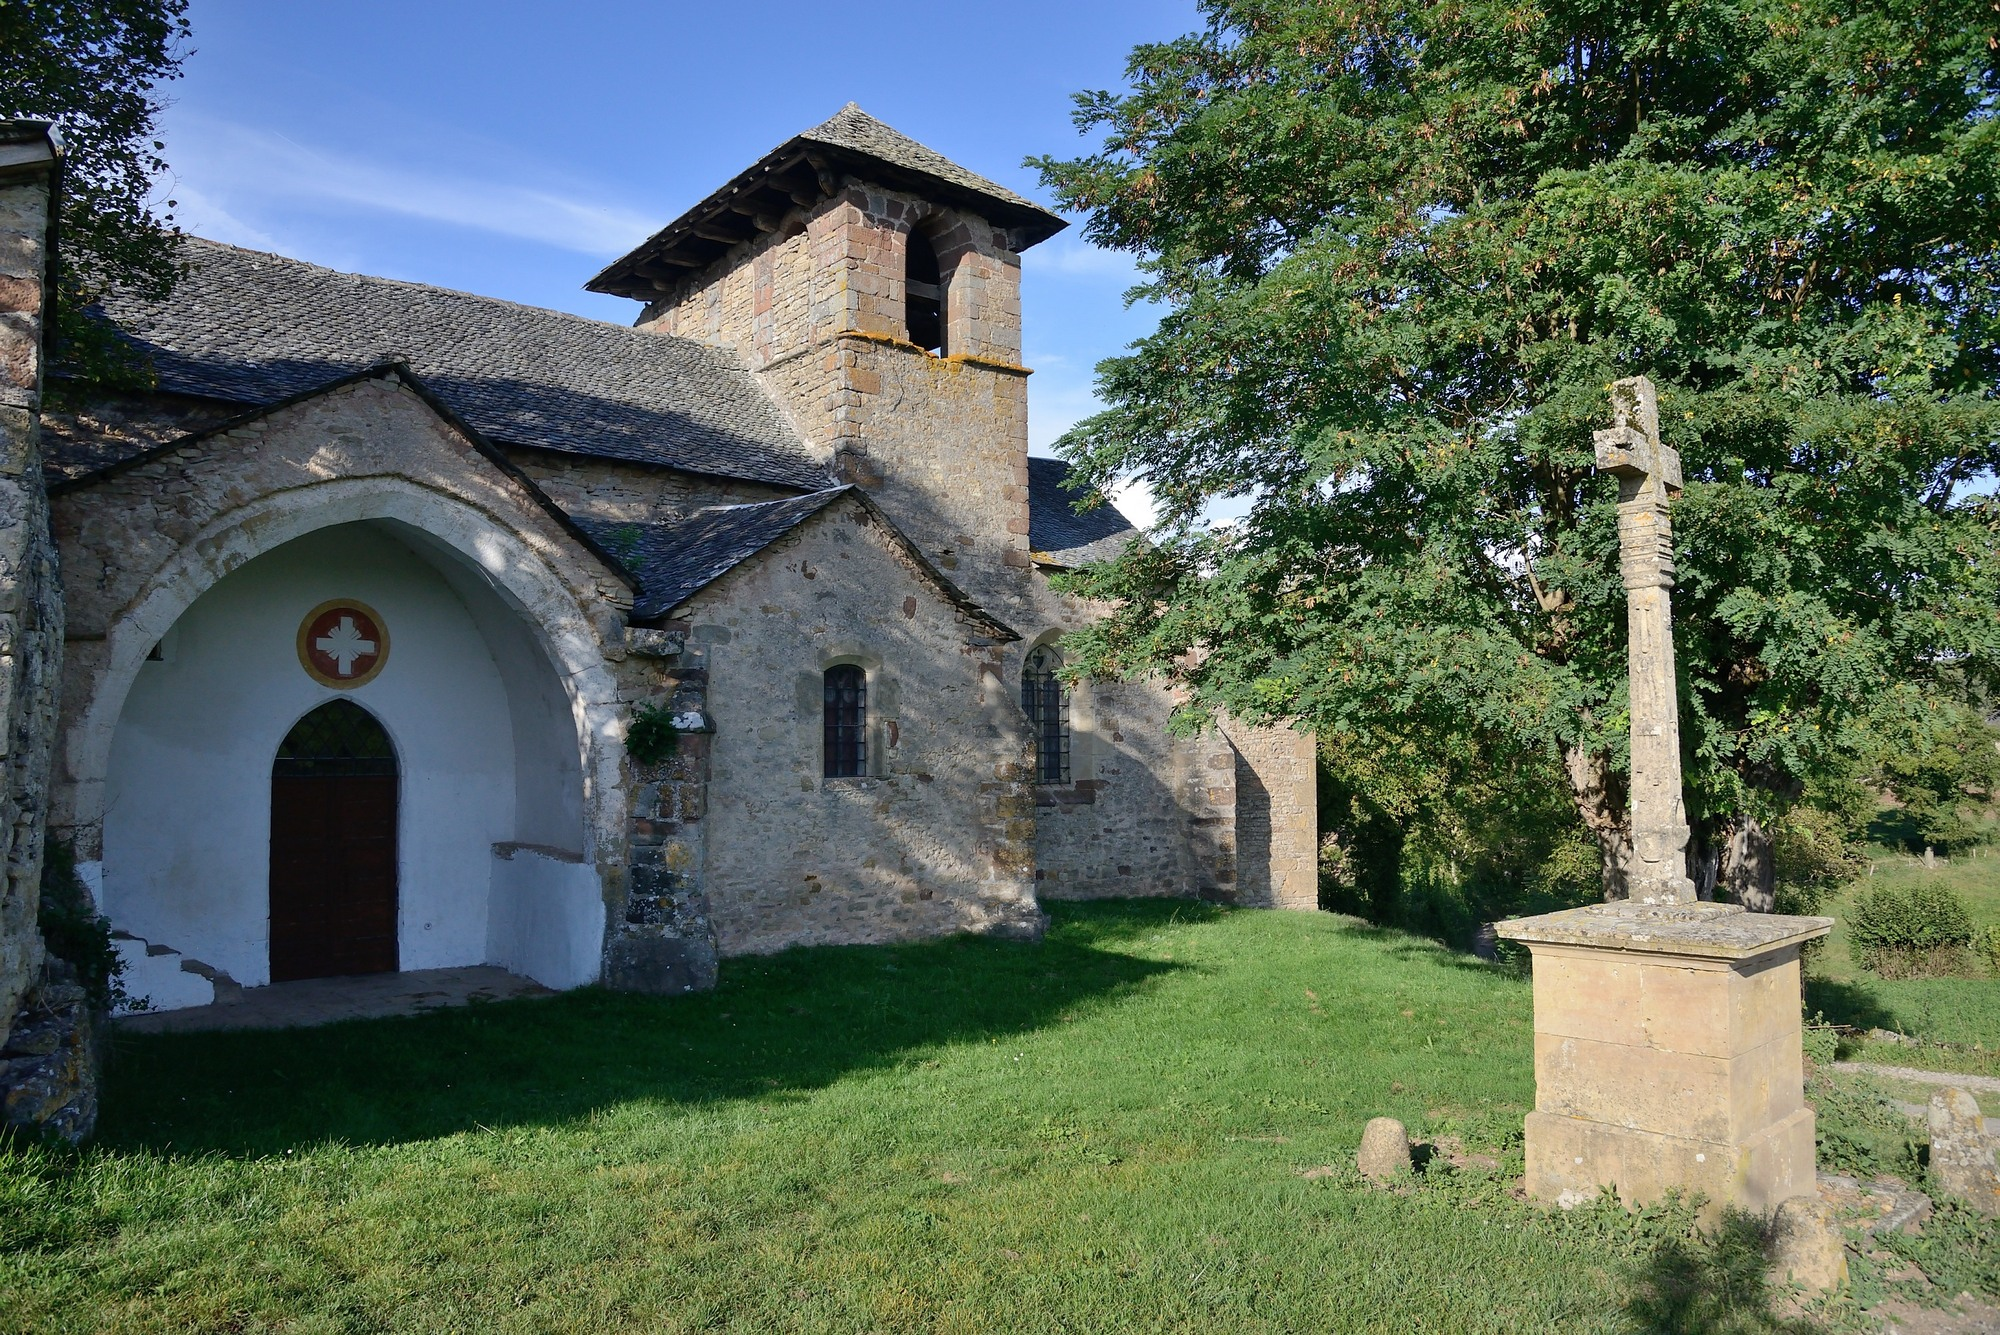 Eglise de Sainte-Eulalie du Causse